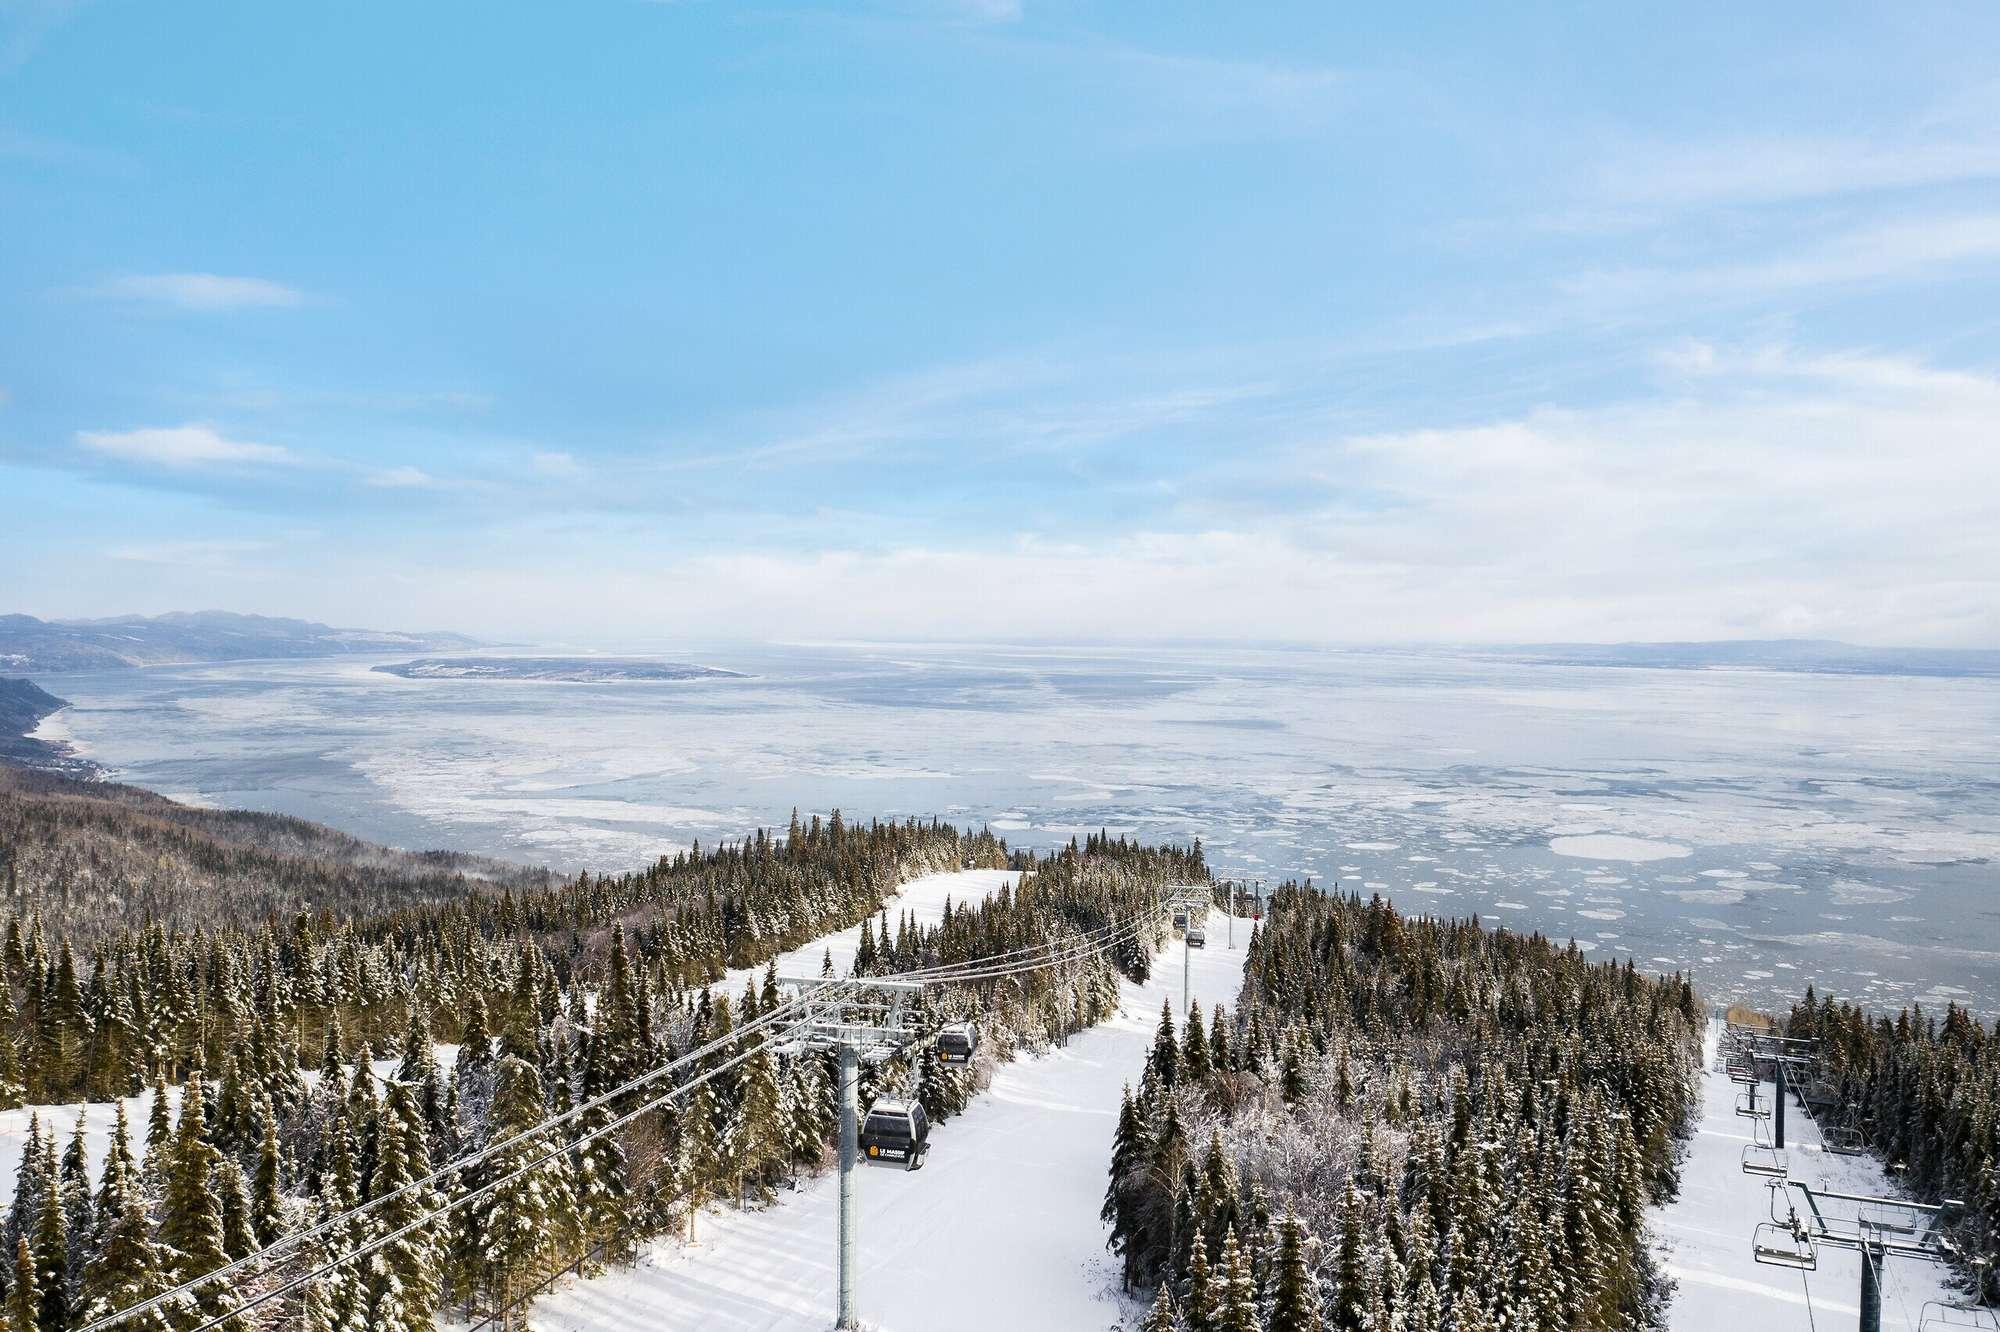 Als je skiet in het Canadese skigebied Le Massif, heb je een prachtig uitzicht op de St. Laurence river